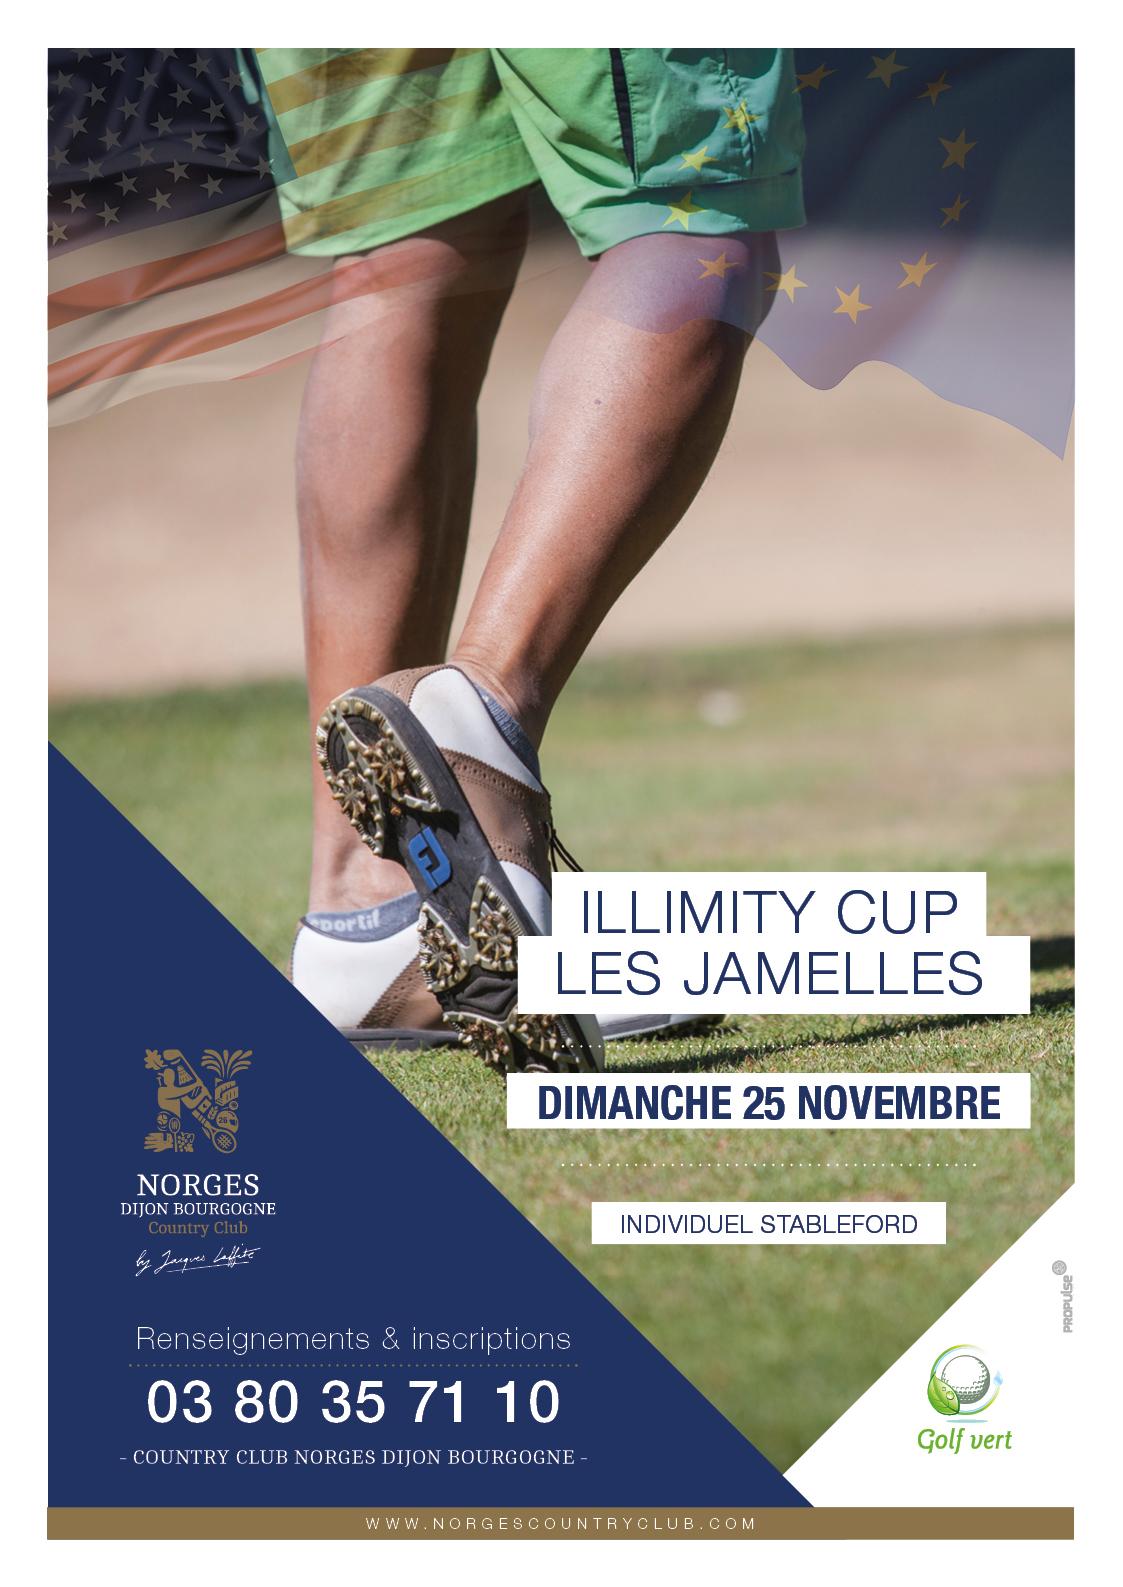 Illimity Cup Les Jamelles